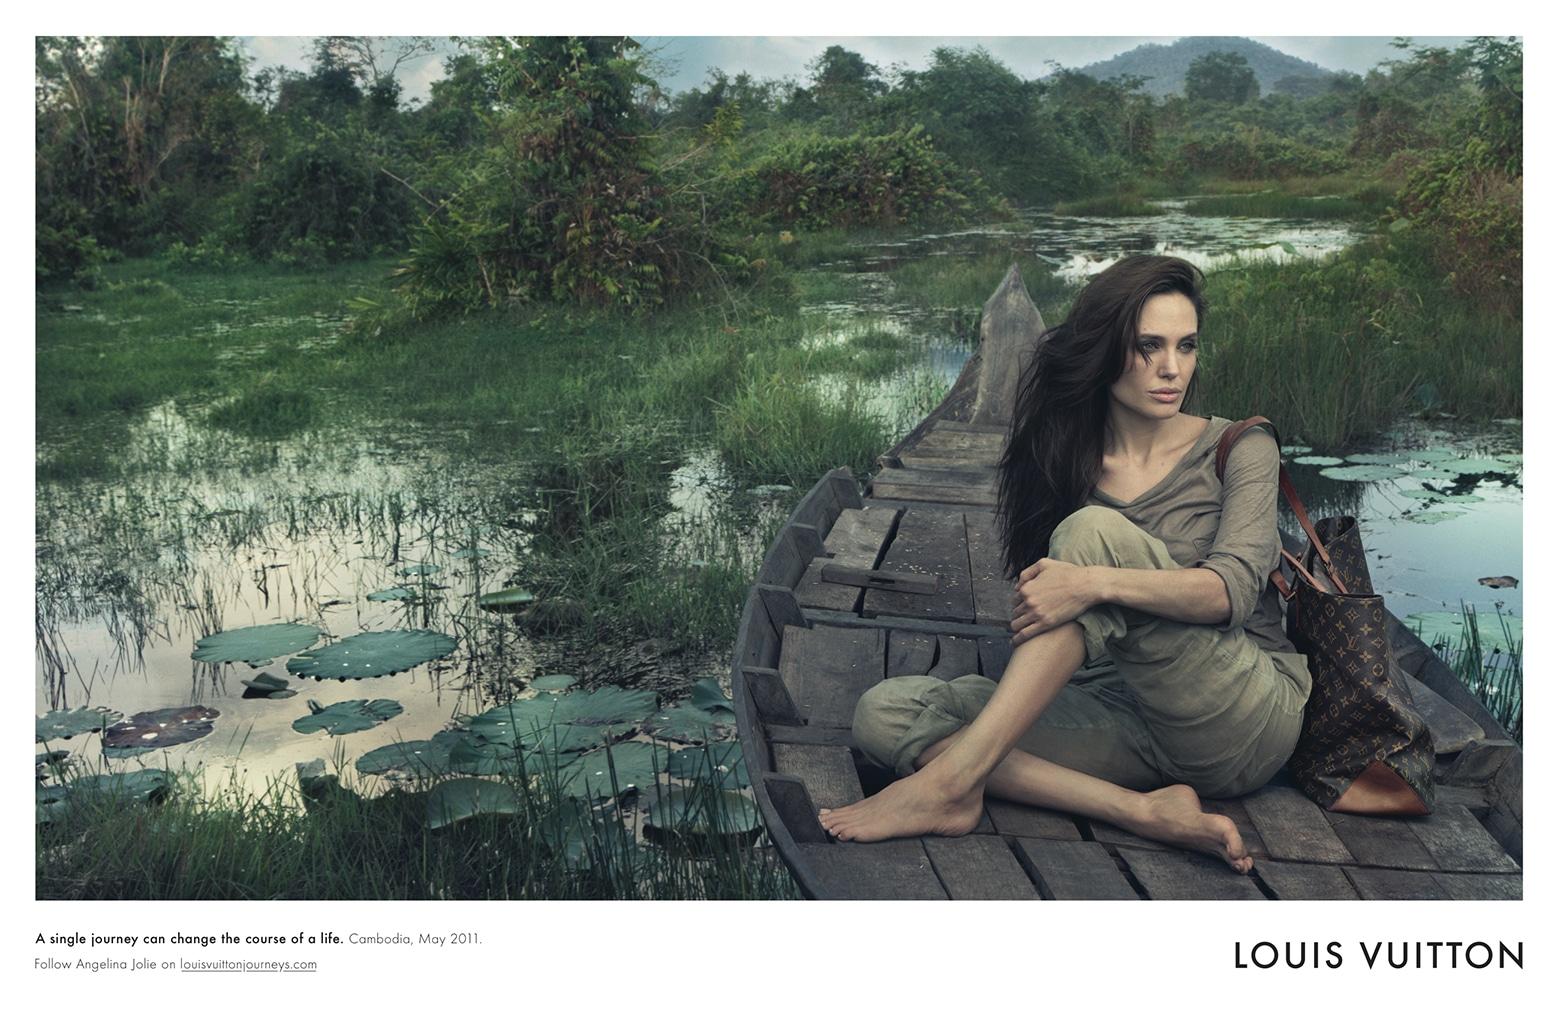 Angelina Jolie « Un seul voyage peut changer le cours d'une vie »